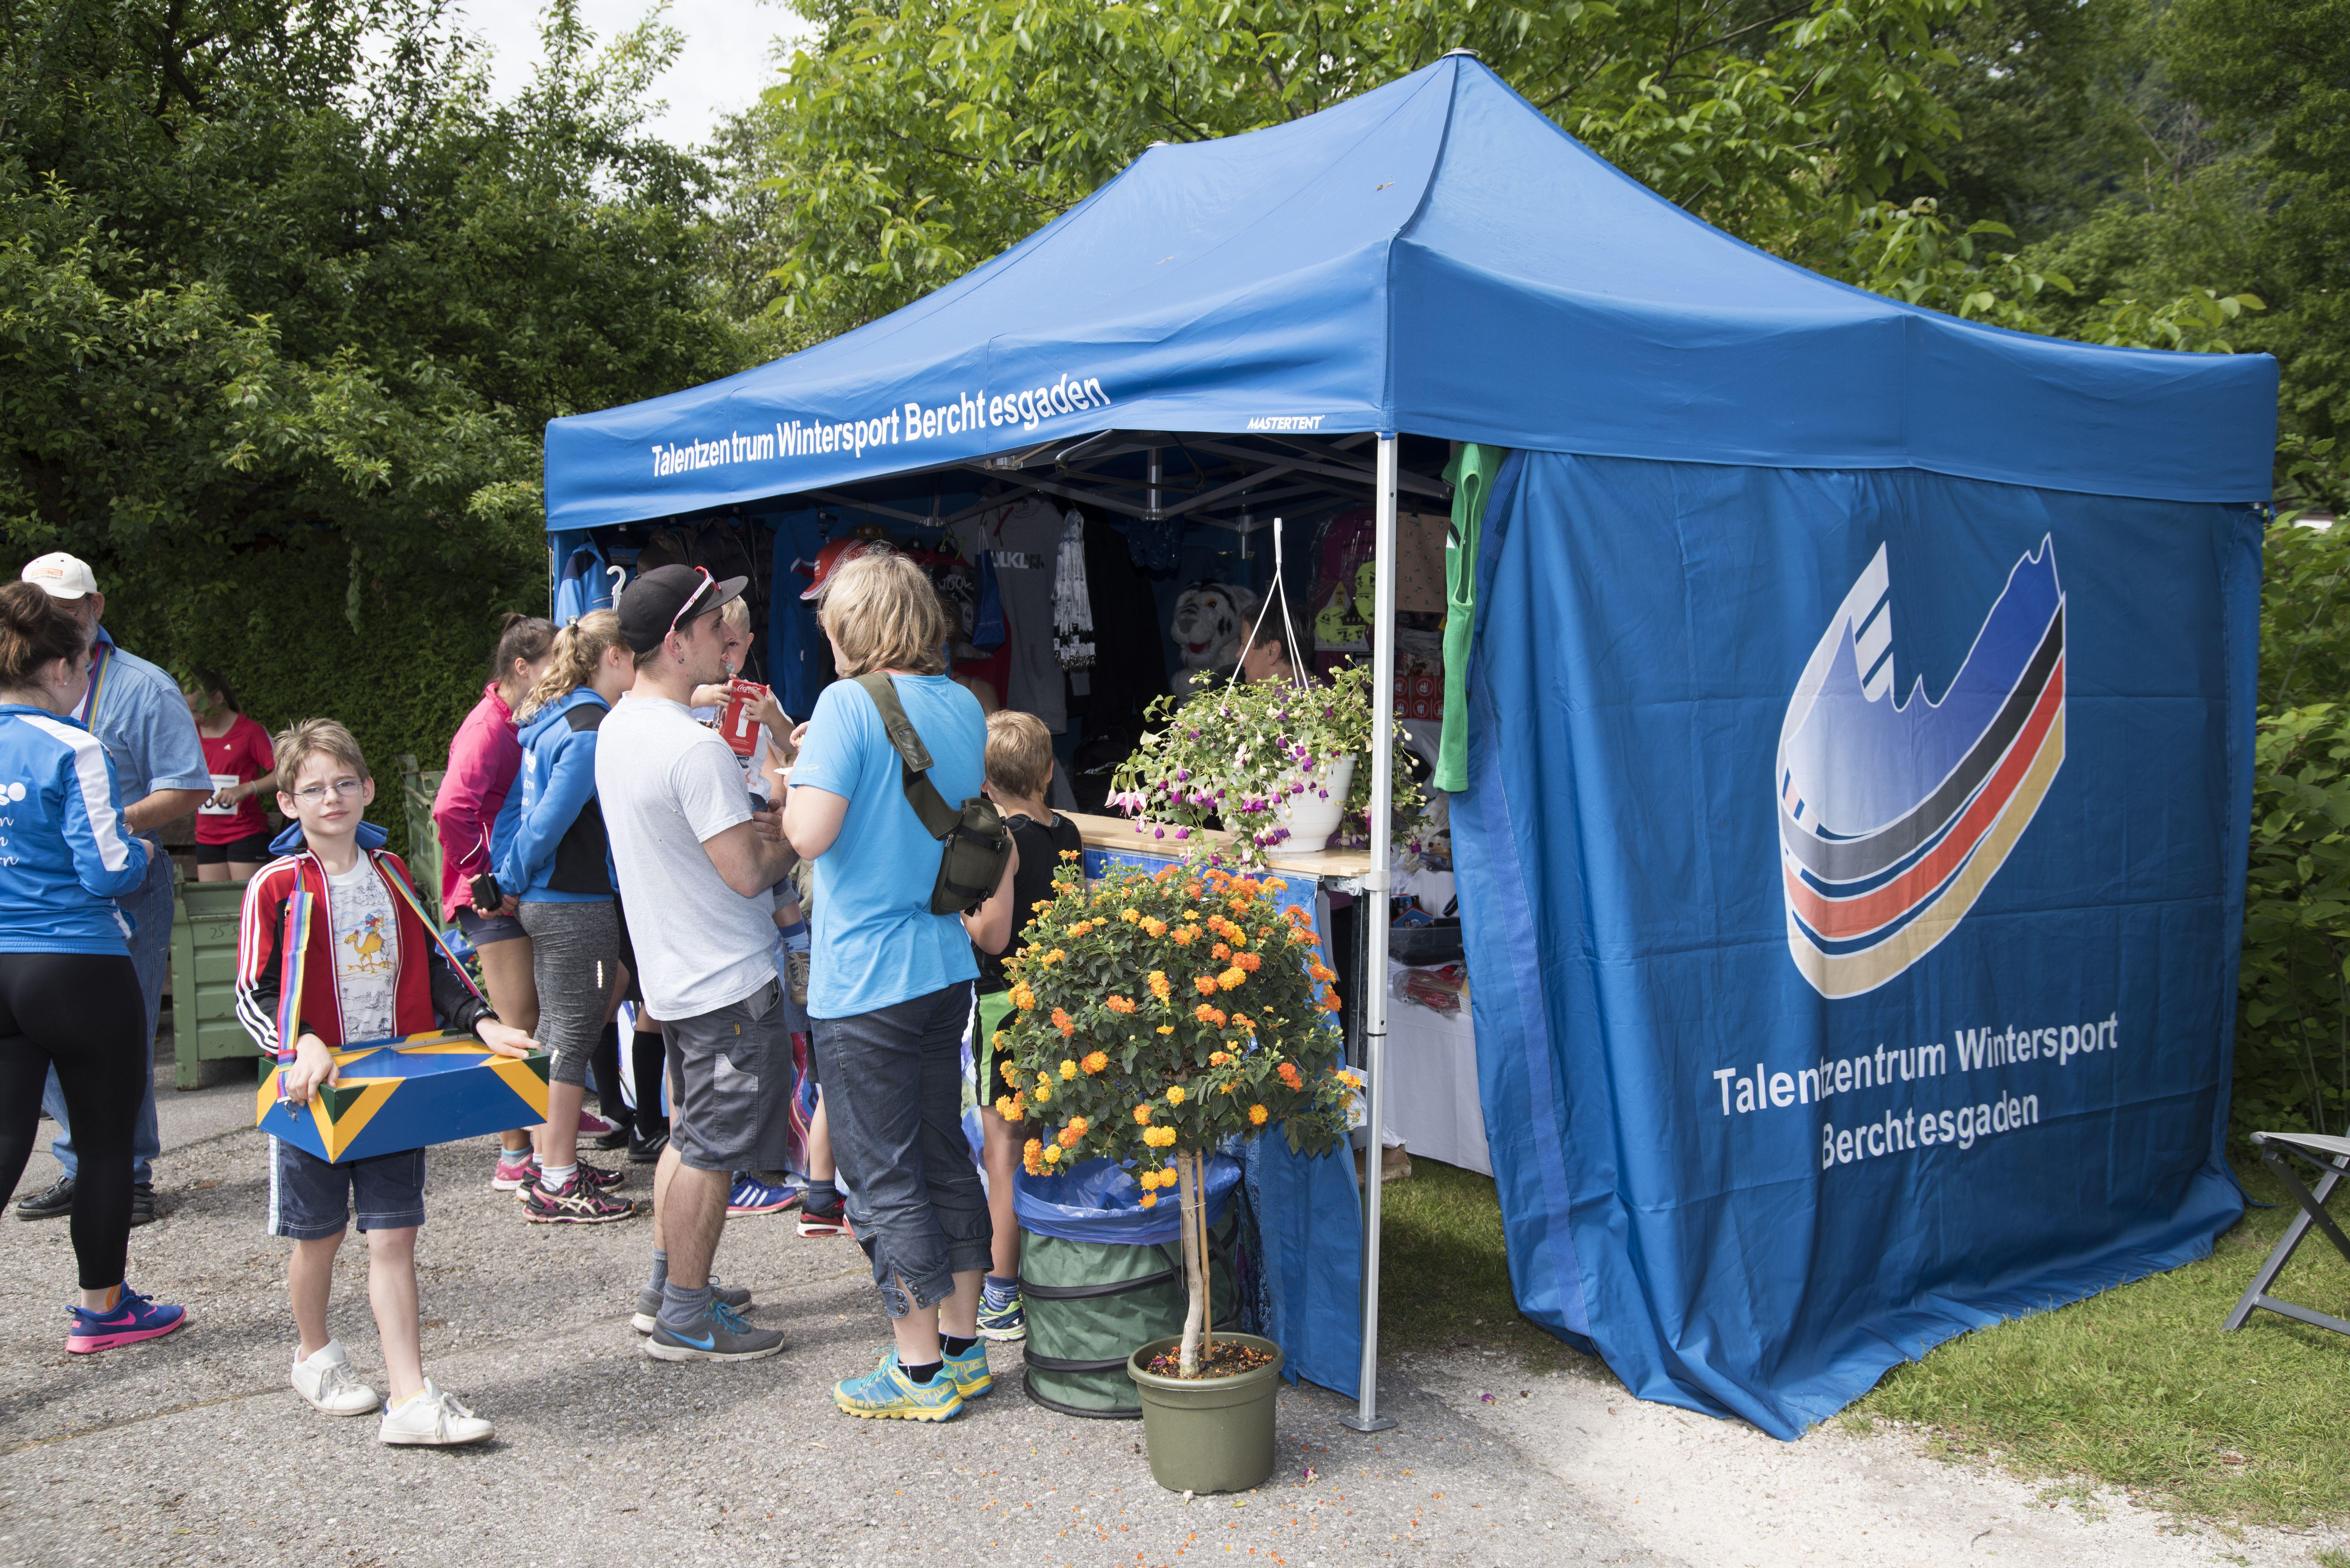 09.07.2016, Berchtesgaden, Breitwiese, Kinderolympiade,